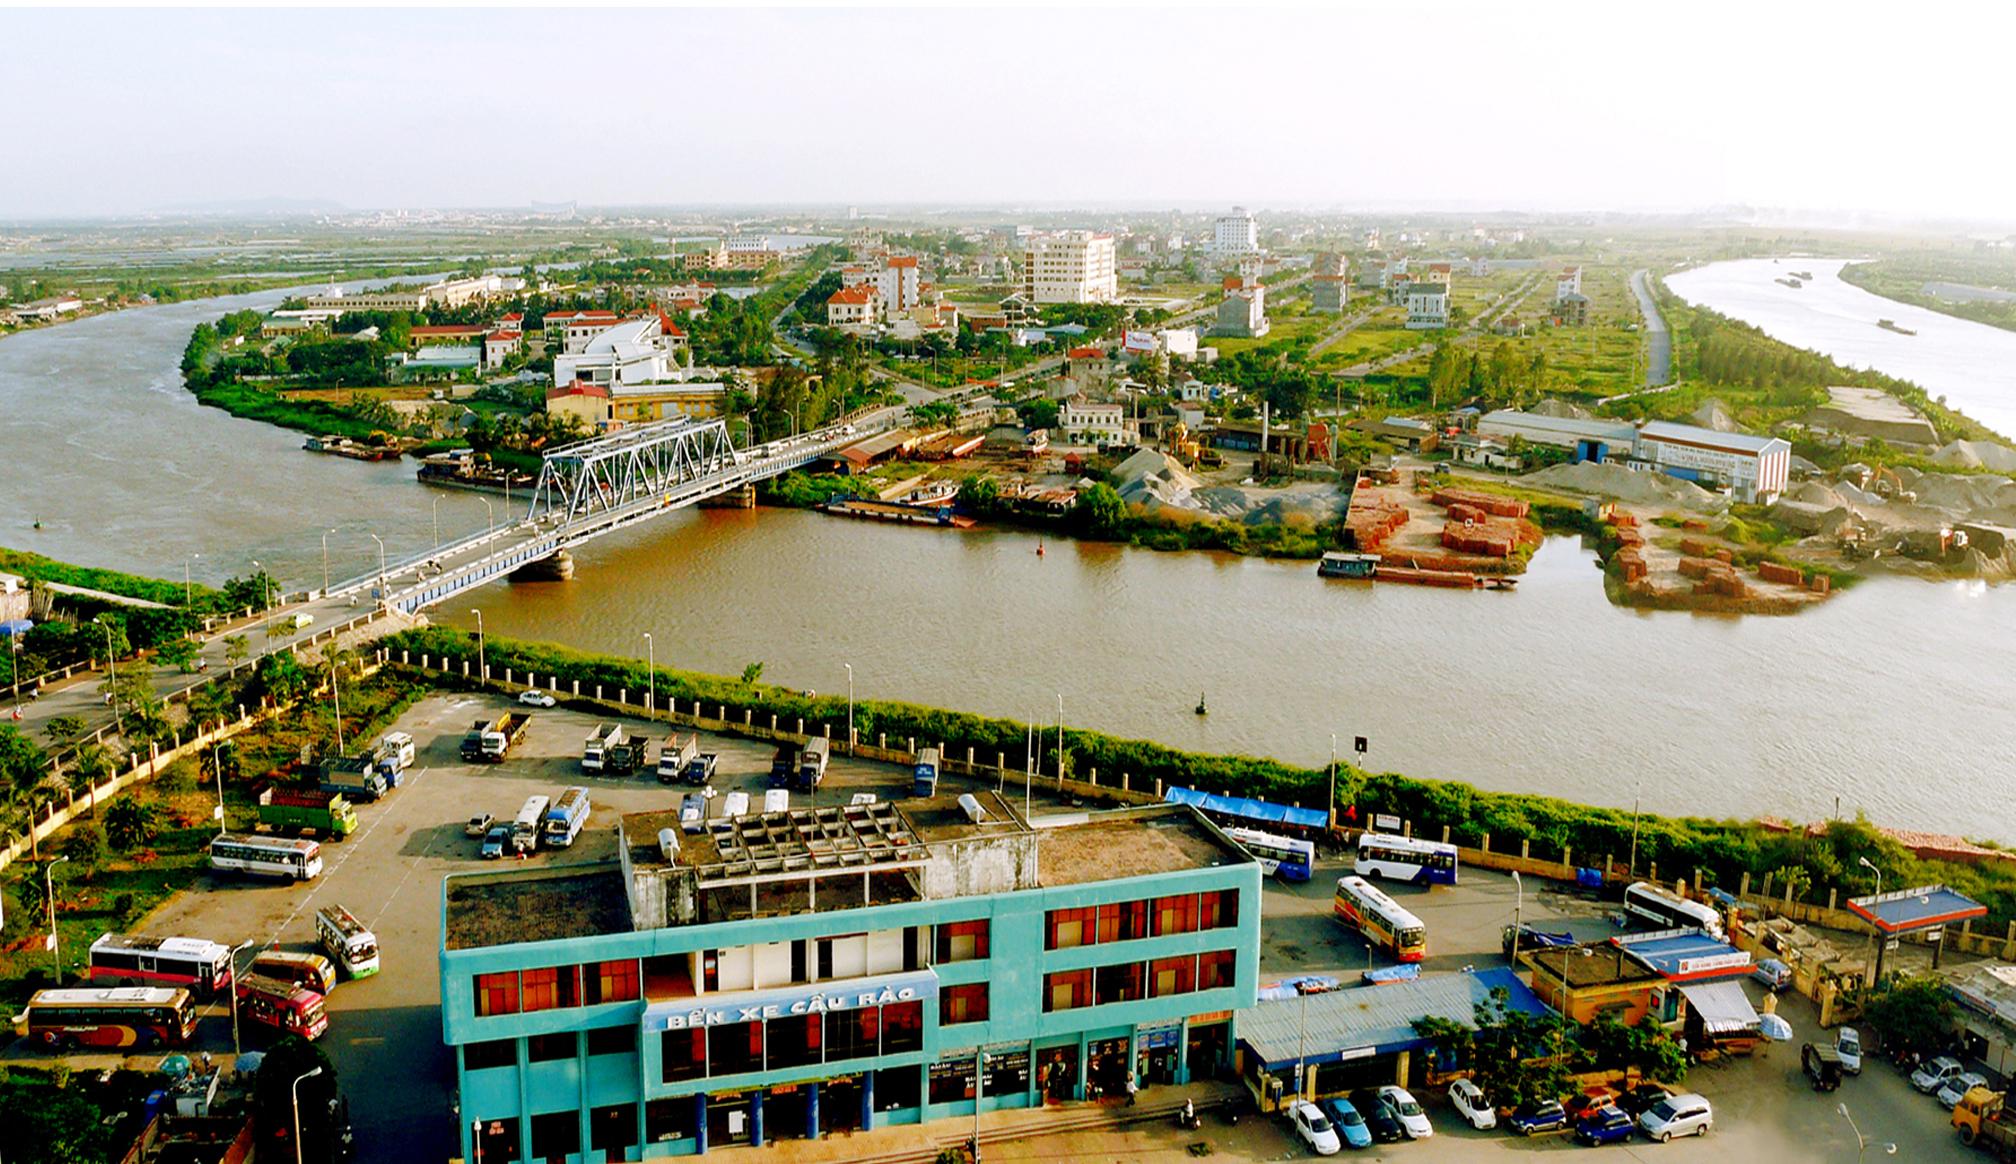 Chuyen phat nhanh Ho Chi Minh Hai Phong, Chuyển phát nhanh Hồ Chí Minh Hải Phòng